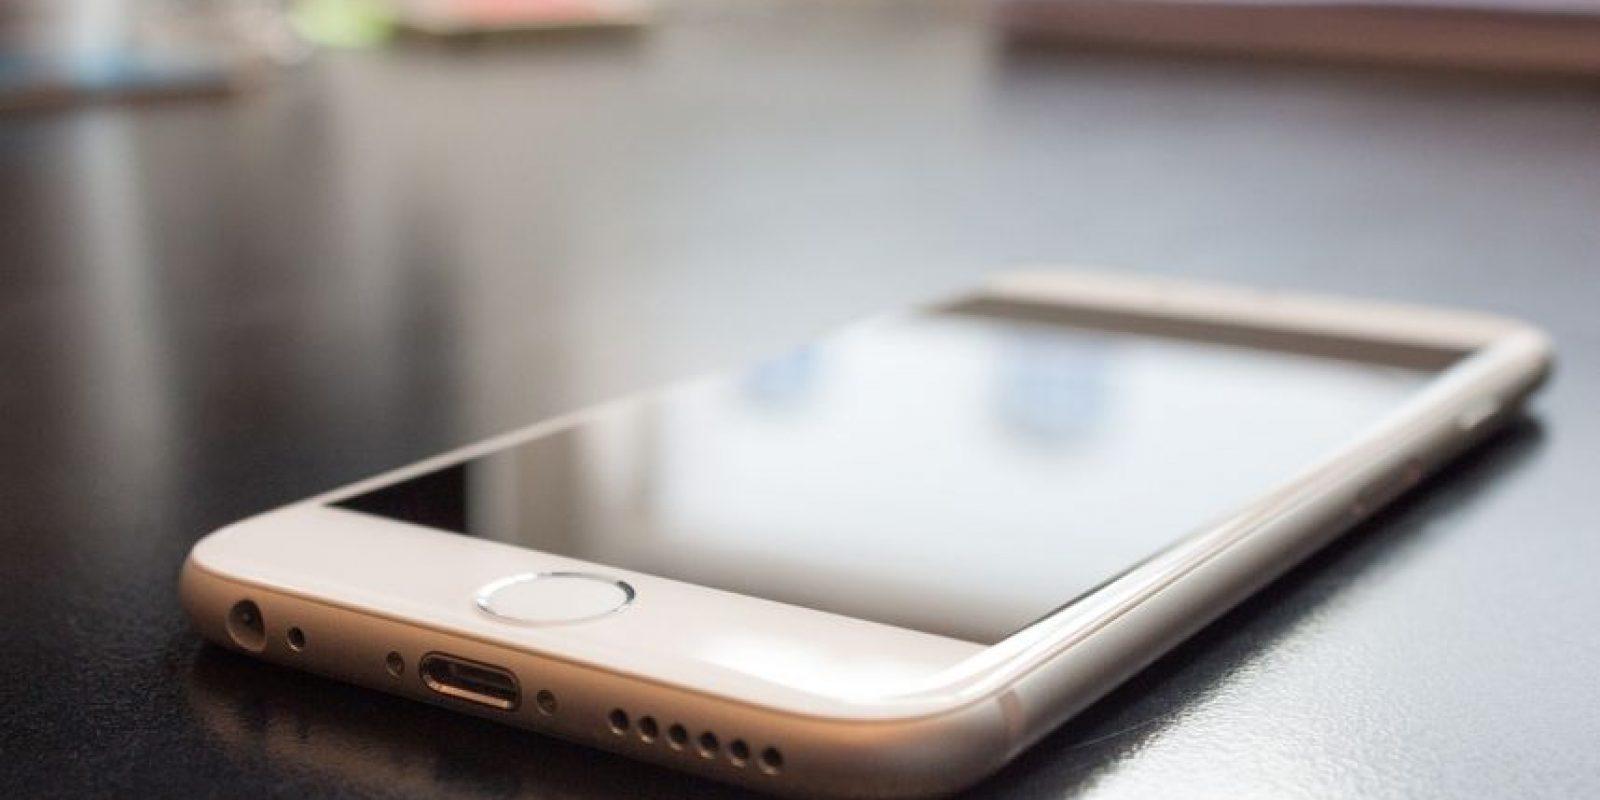 Los iPhones de Apple pueden tener un aspecto elegante, pero cuando se trata de hacer llamadas, son uno de los peores teléfonos de la Tierra, según una nueva investigación. Foto:Pixabay